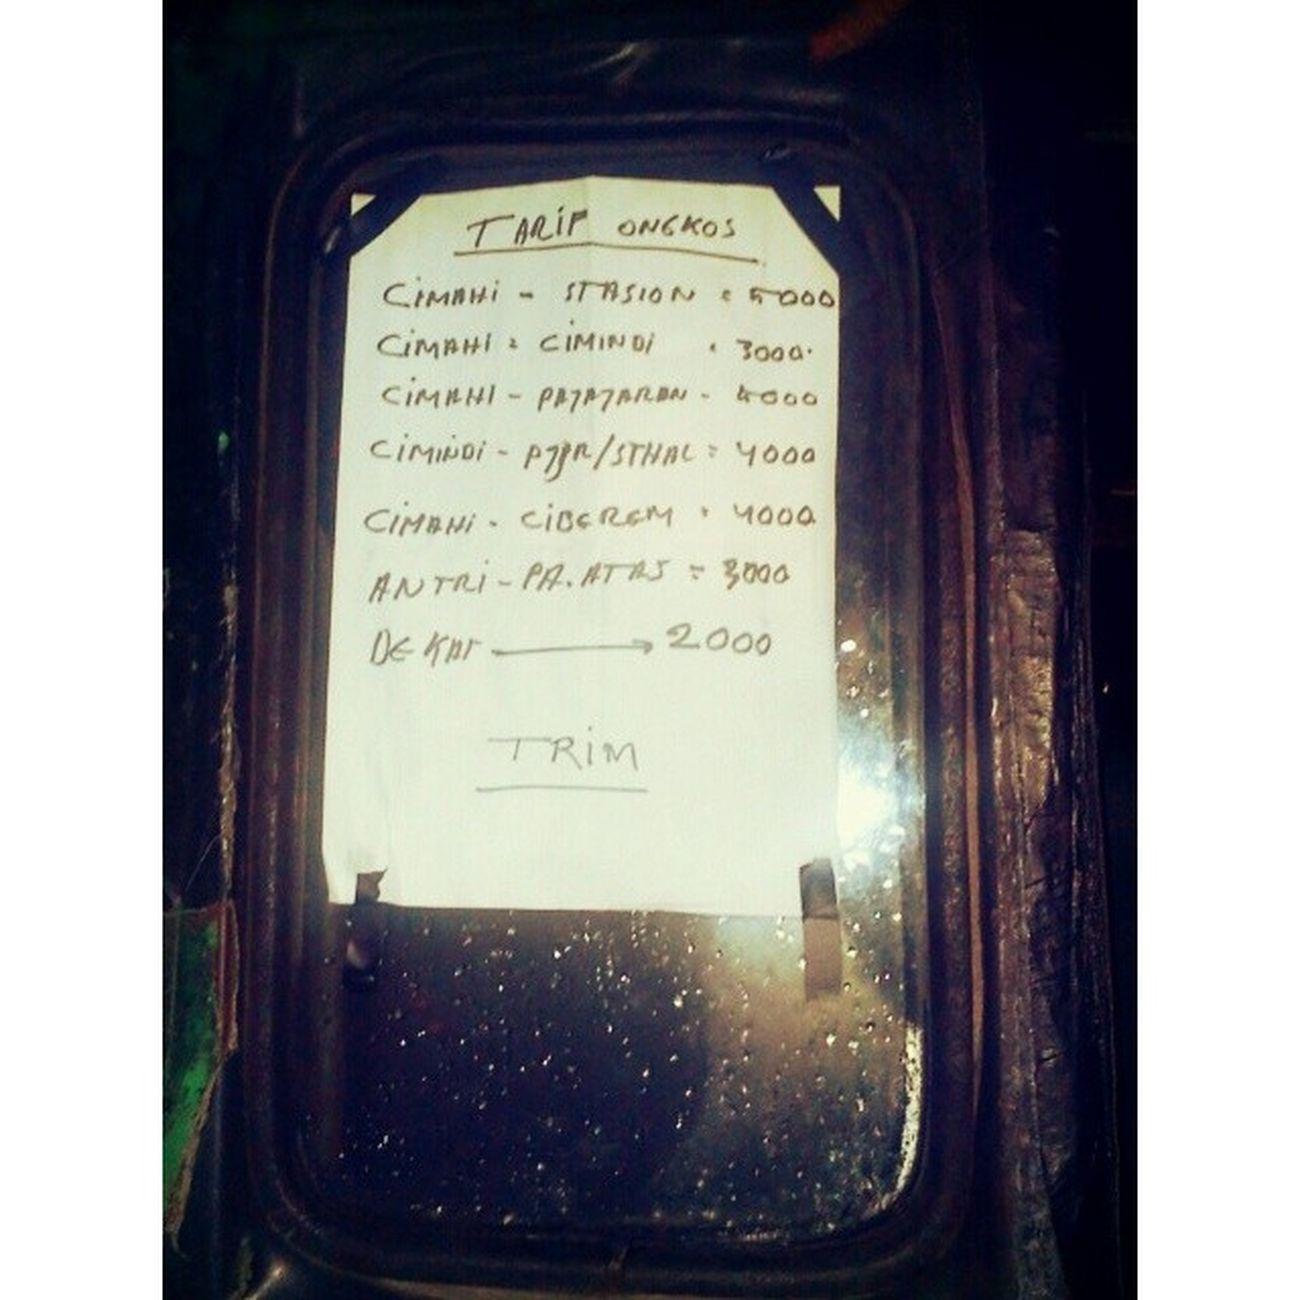 Perhatian kepada seluruh pelanggan angkot!!!! Talk less do more!!! Angkot Bandung Infobandung hihihi LOL